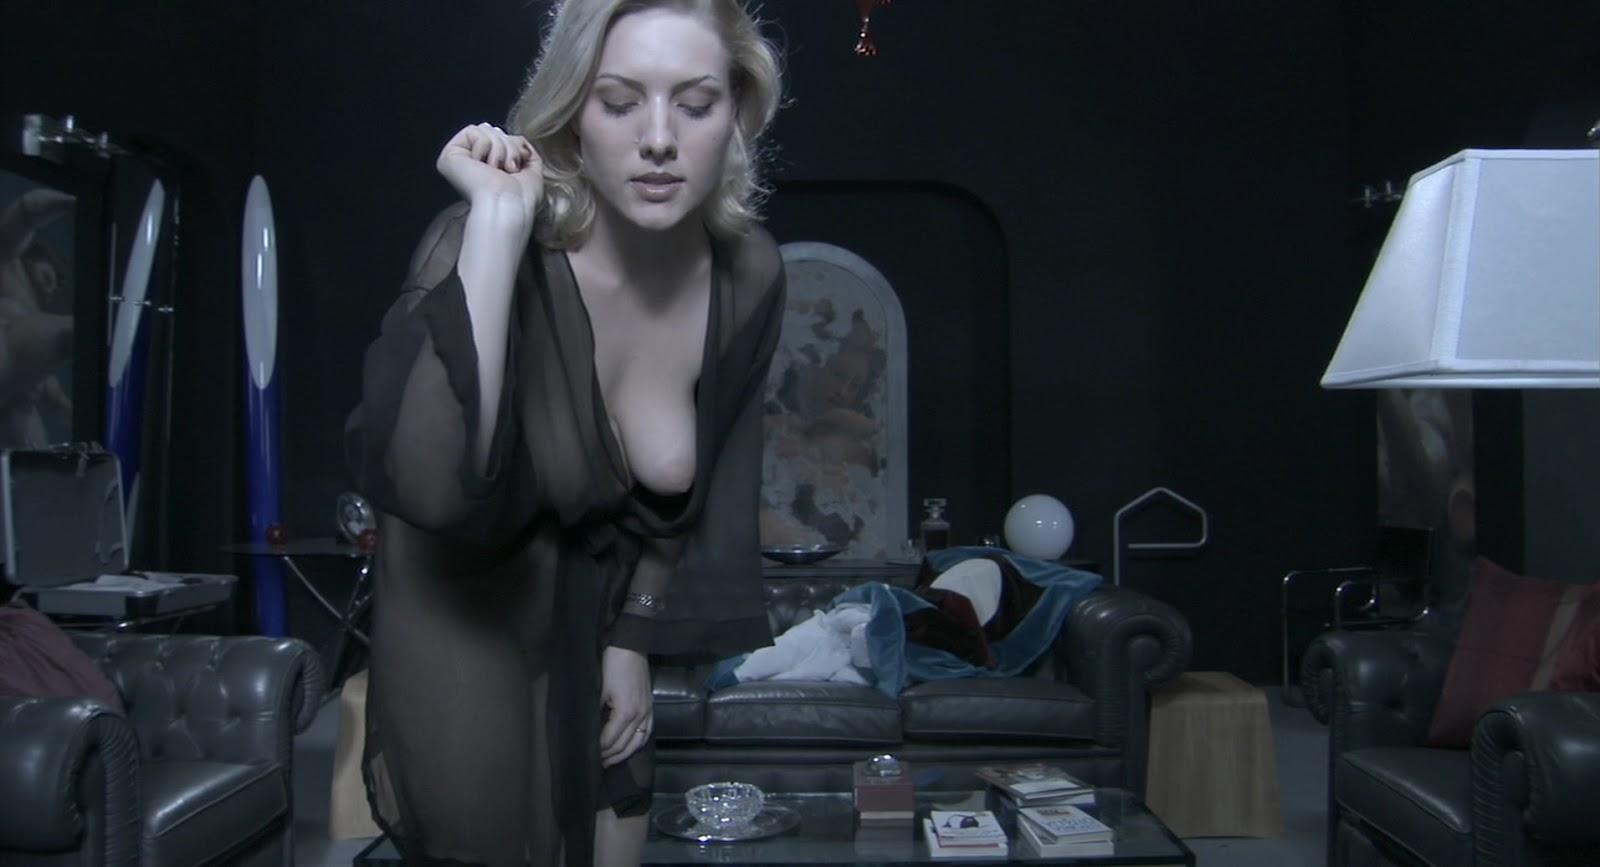 russkie-erotich-filmi